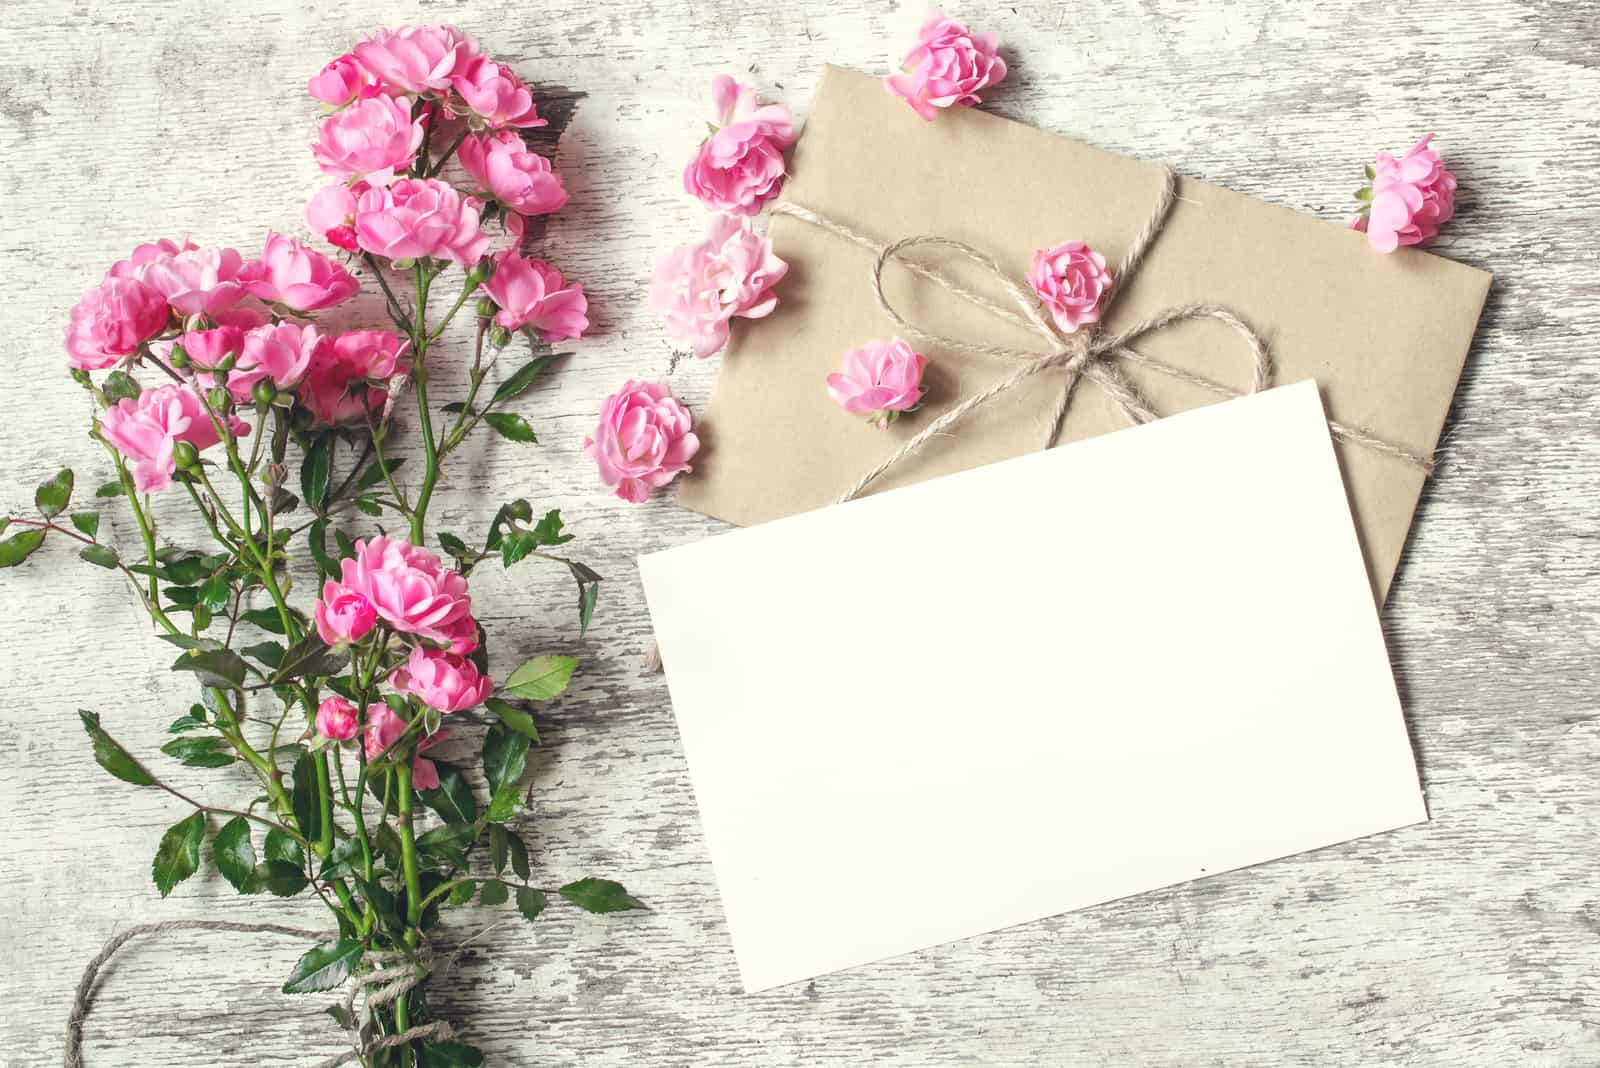 leere weiße Grußkarte mit rosa Rosenblumenstrauß